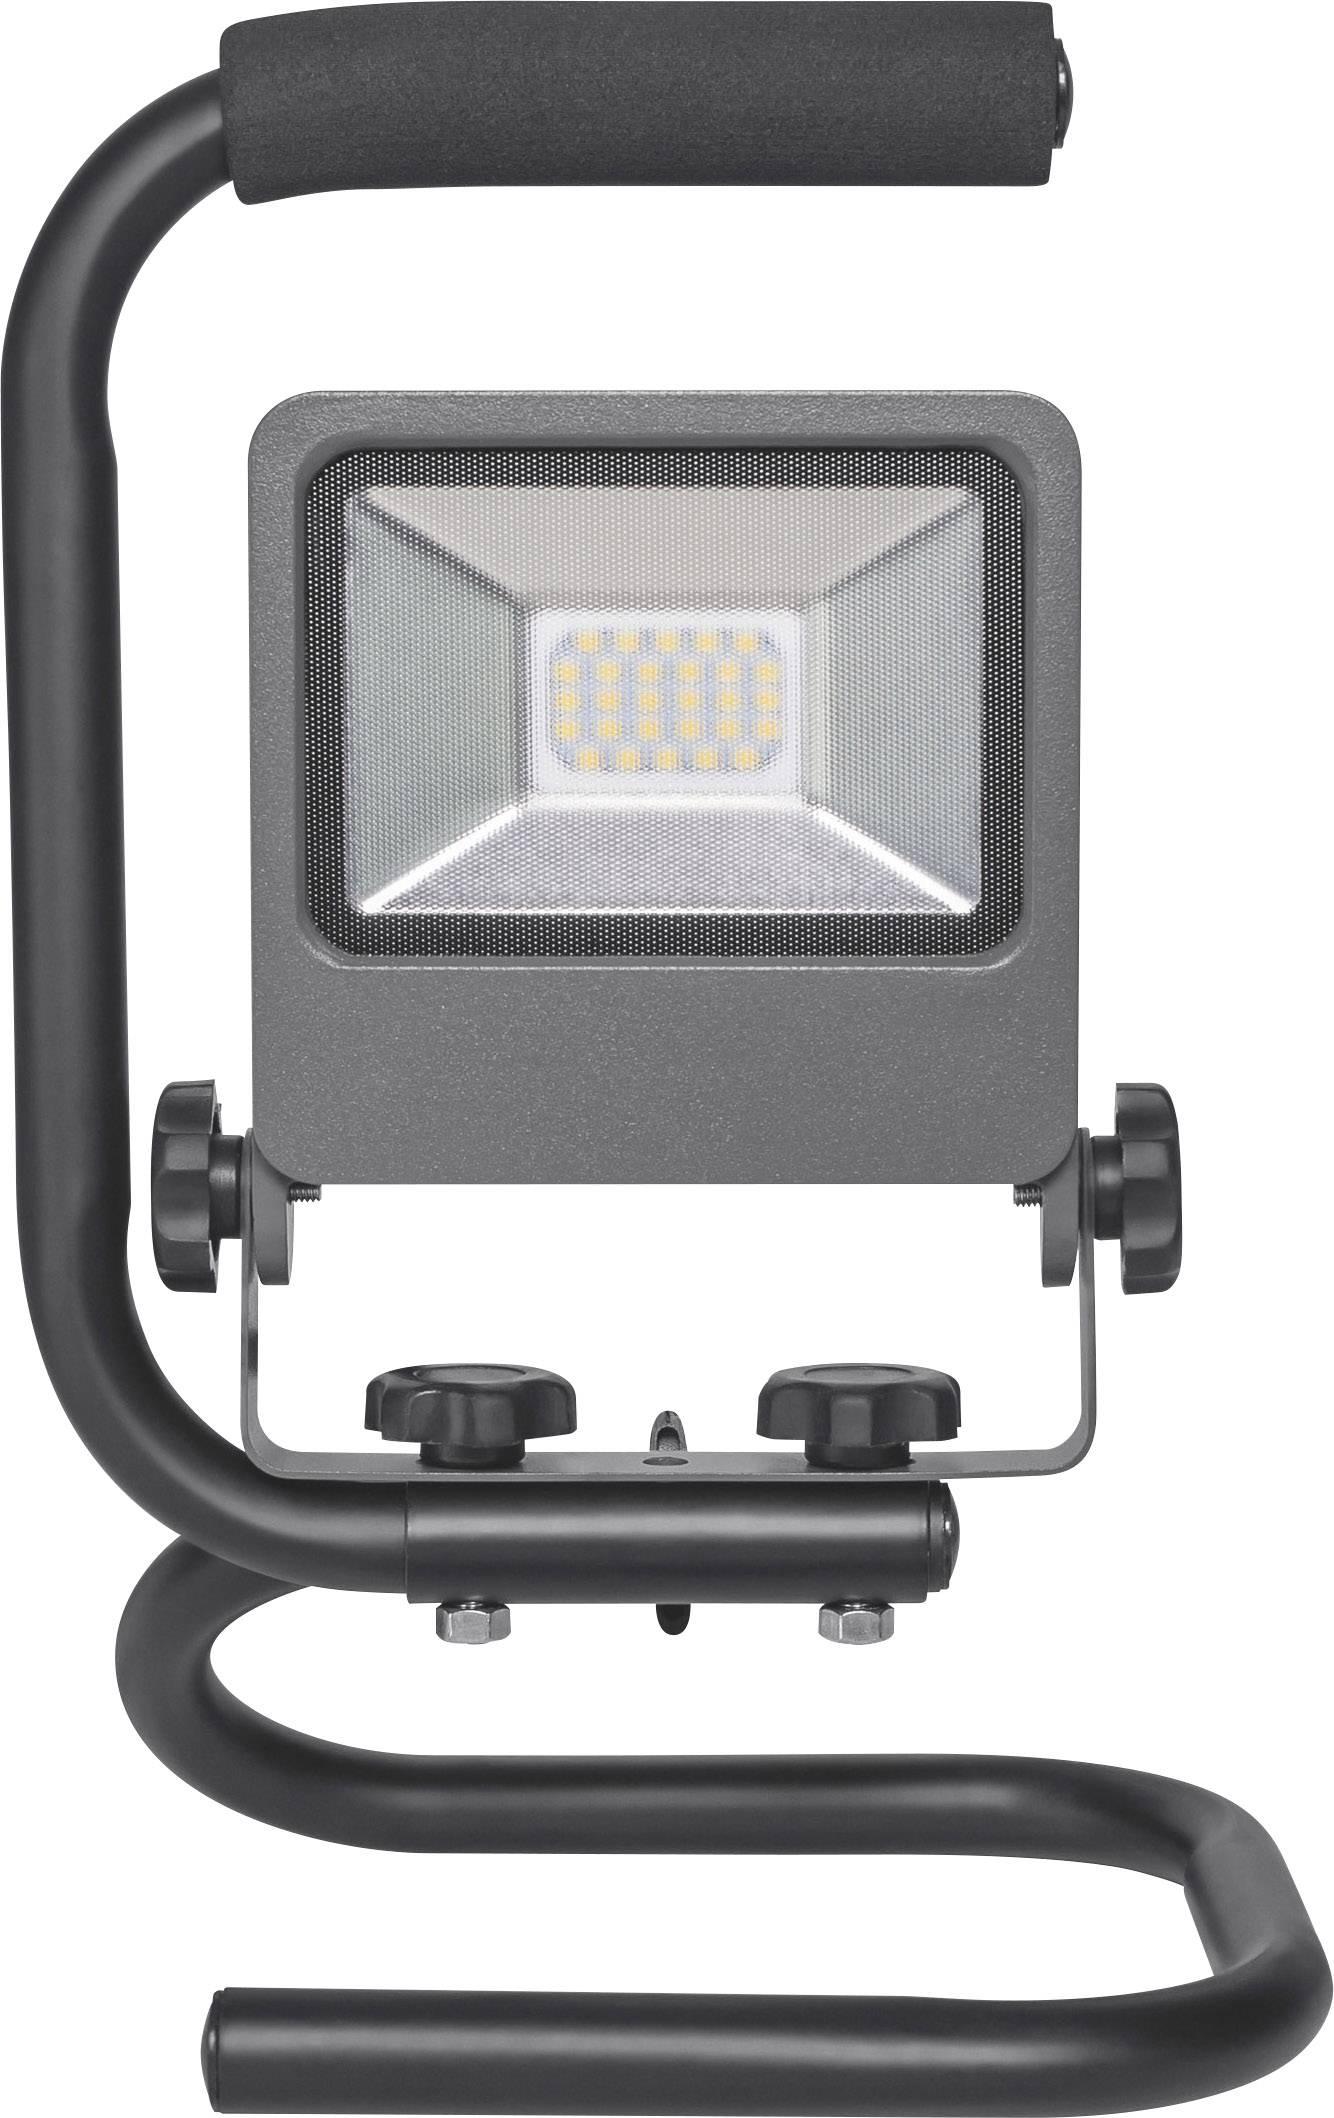 OSRAMBouwplaatsen verlichting 4058075043824 Zwart (mat), Grijs LED ...